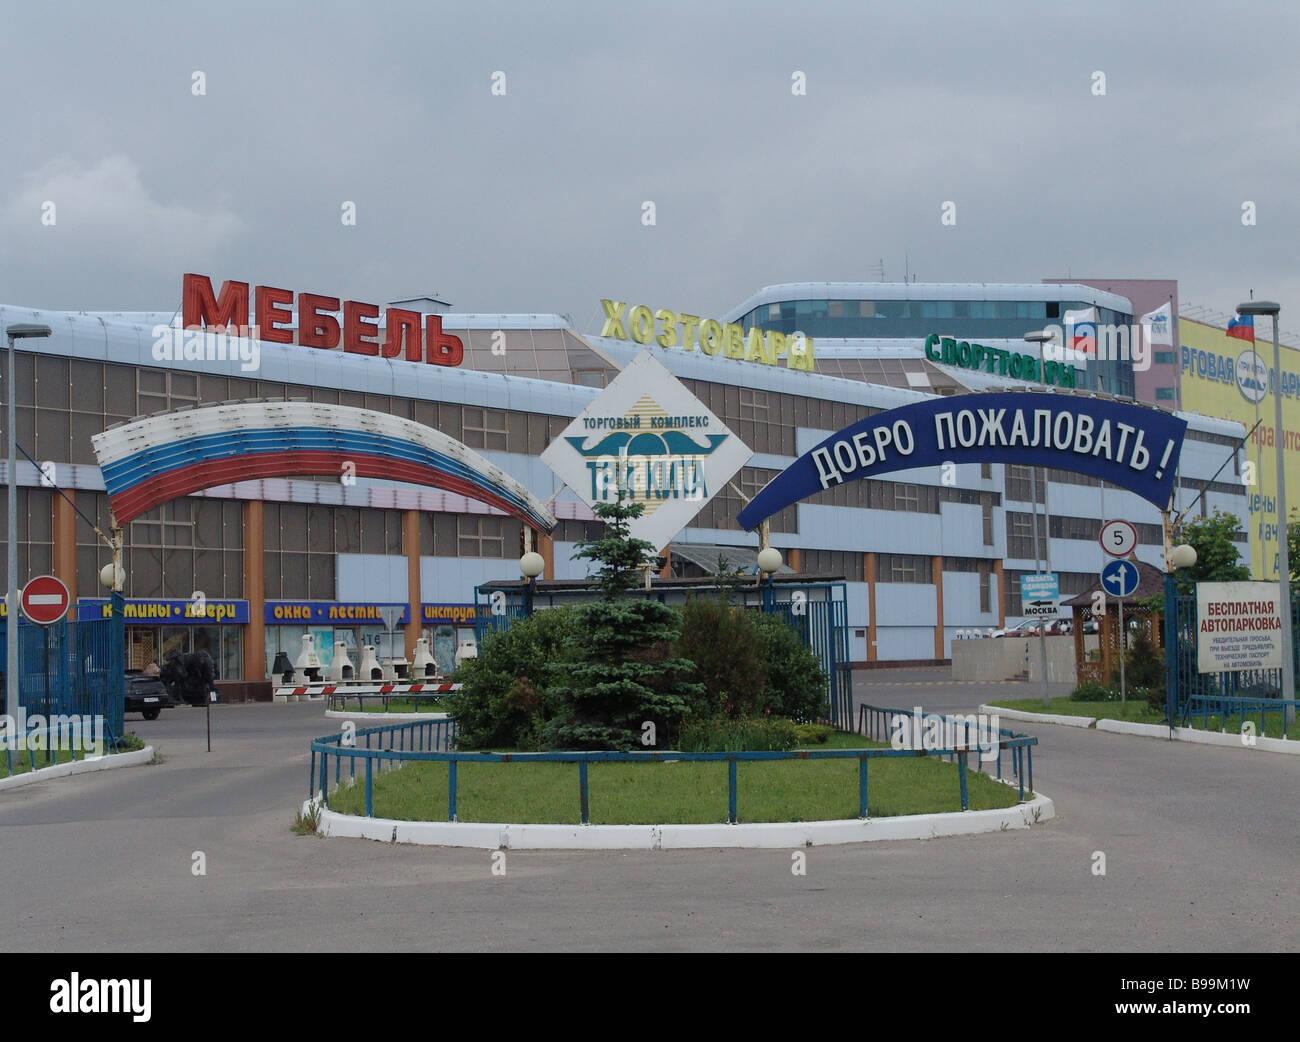 Tri-Kita der drei Wale shopping Bereich Auffahrt auf Mozhaiskoye Autobahn in der Nähe von Moskau Stockbild